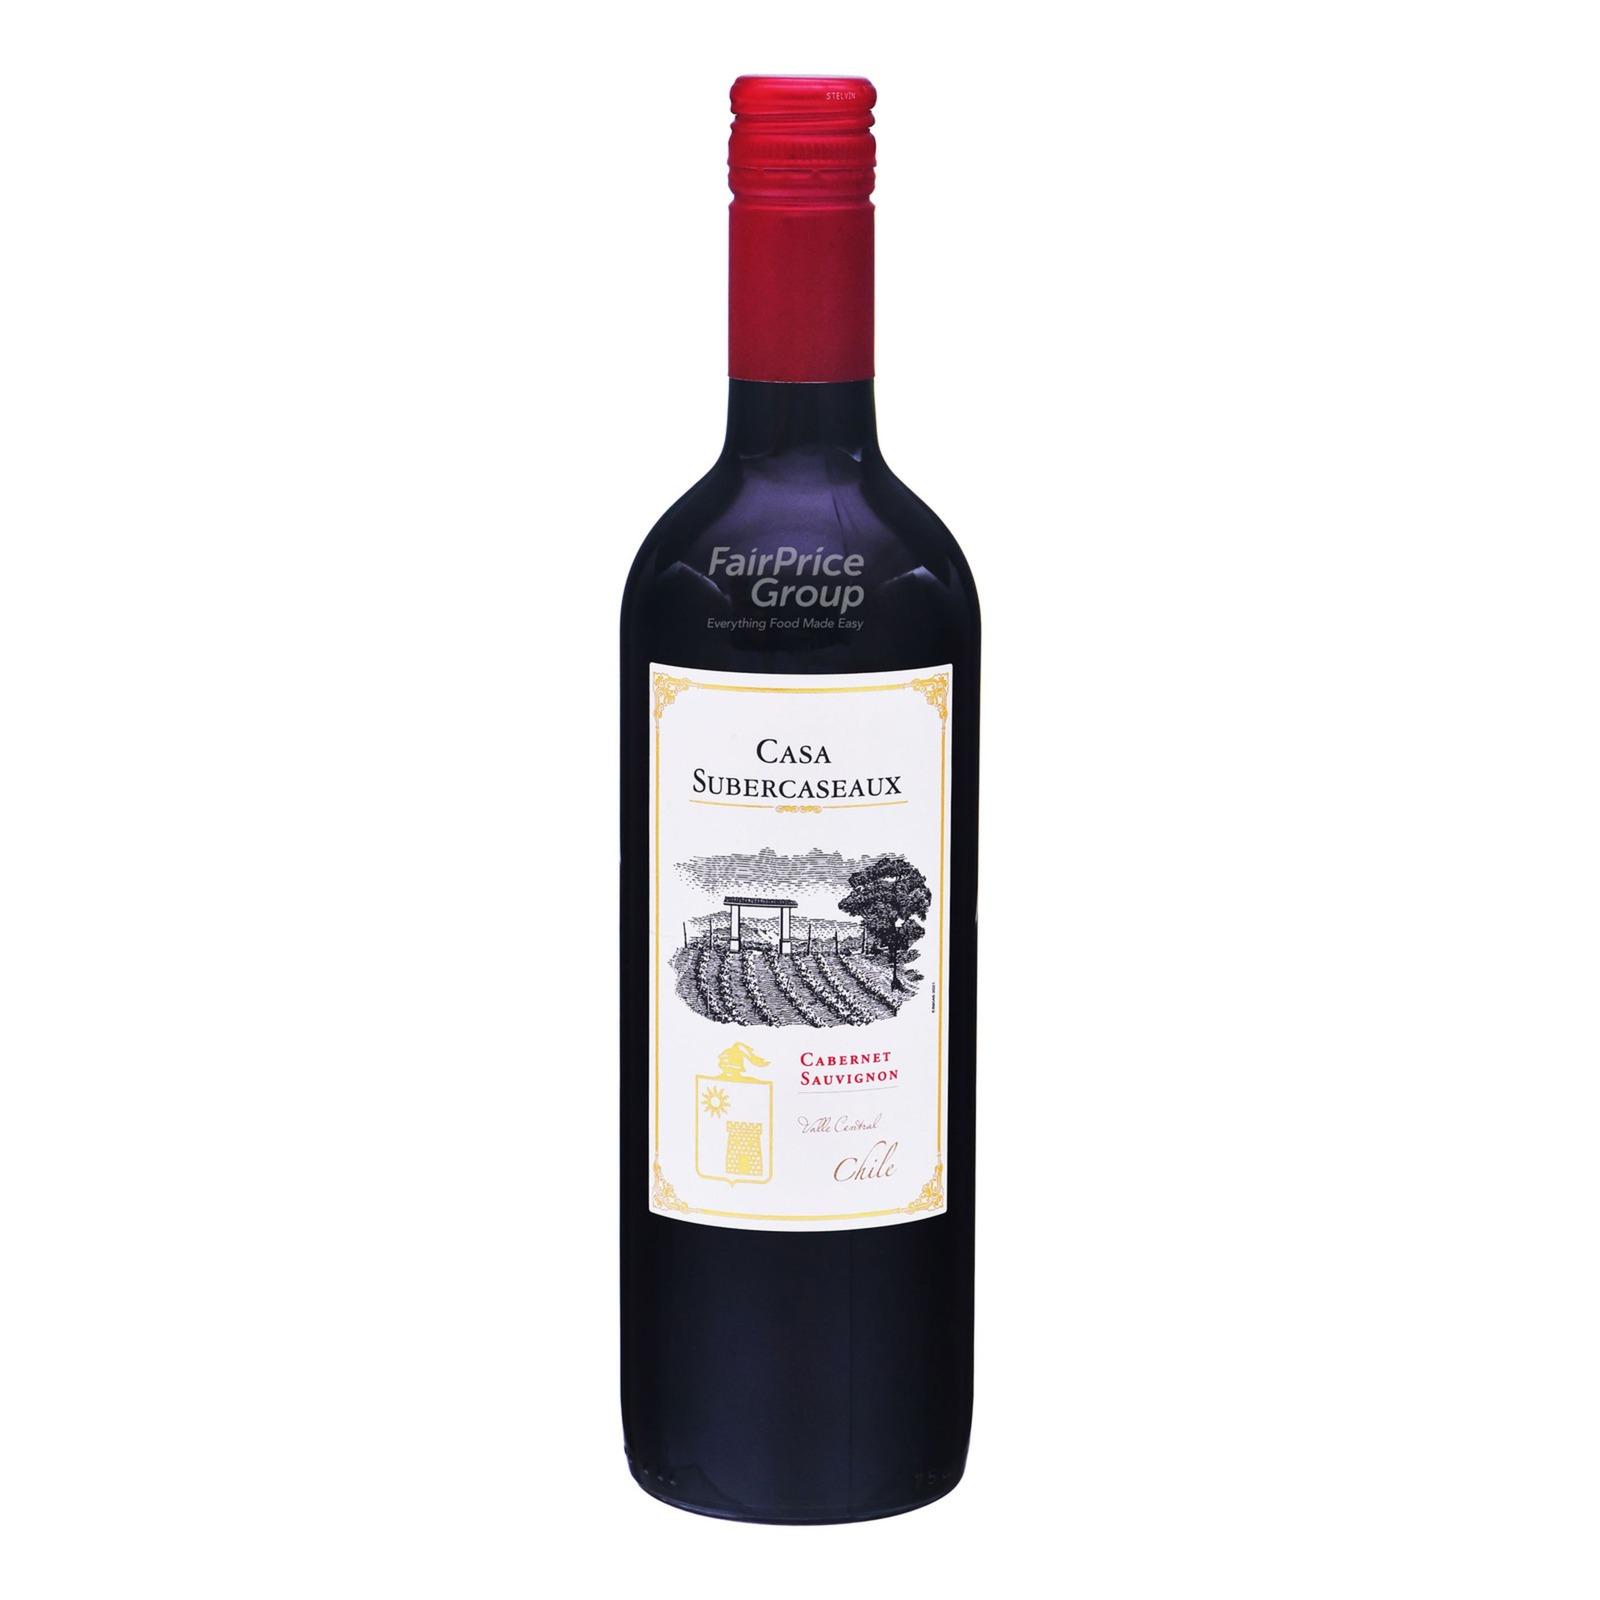 Casa Subercaseaux Red Wine - Cabernet Sauvignon